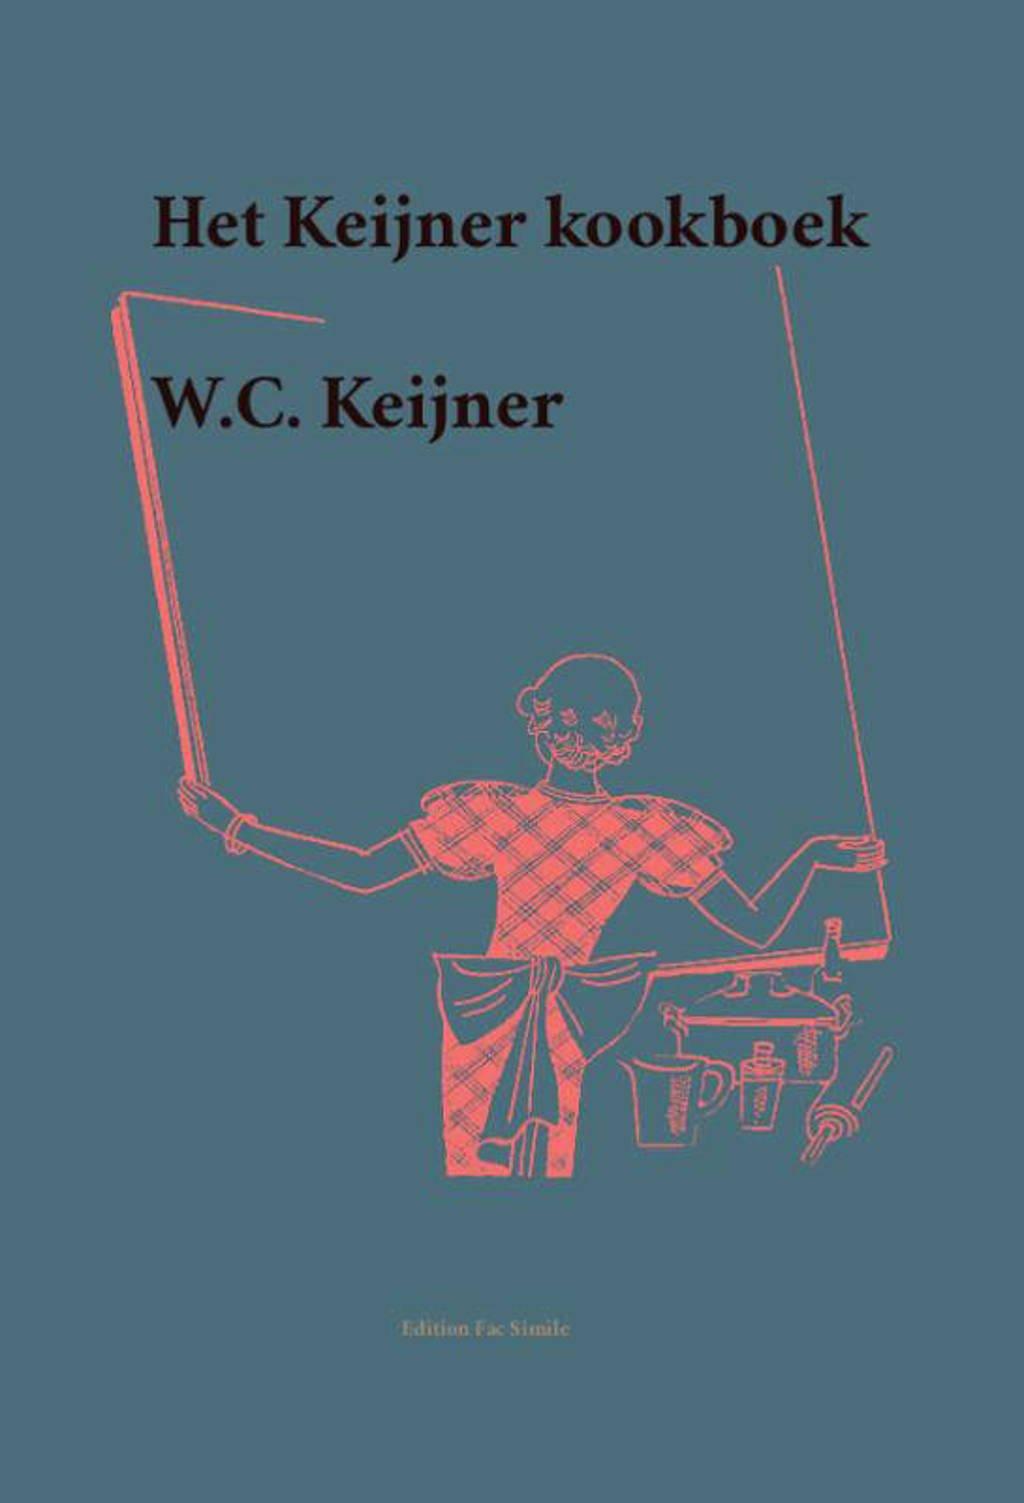 Edition Fac Simile: Het Keijner kookboek - W.C. Keijner